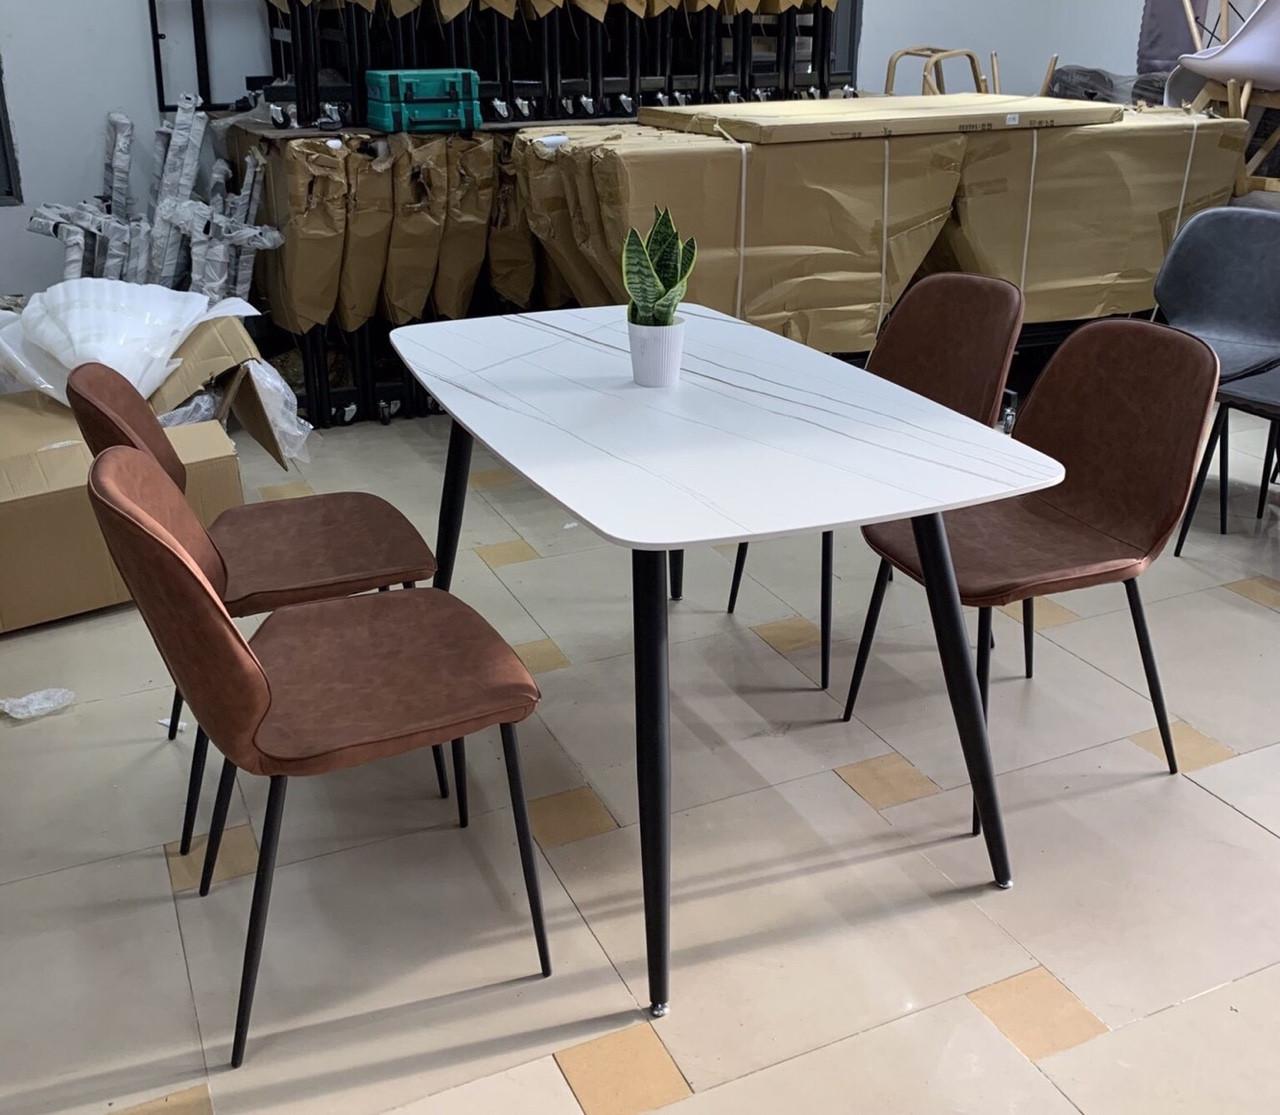 Bộ bàn ăn mặt đá hình chữ nhật 4 ghế : T162-14-4